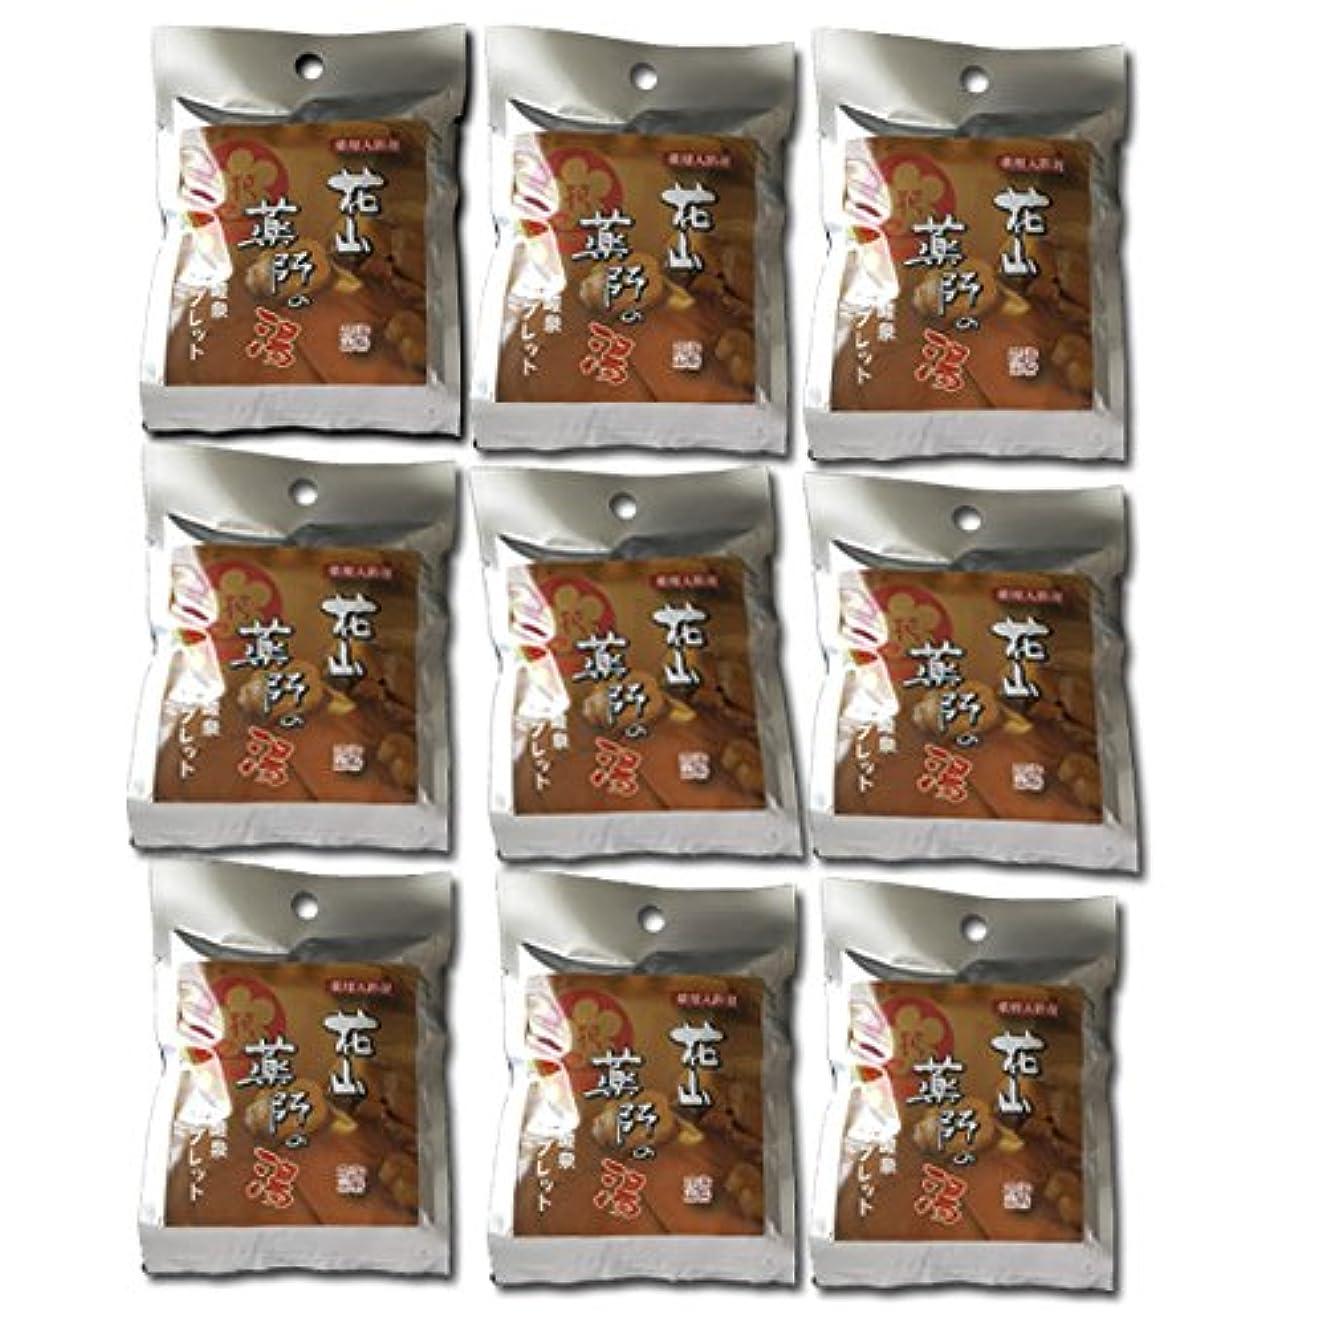 速度データムハードリング入浴剤 炭酸泉 和歌山 花山温泉の温泉分析値を元に配合して作られたタブレット9個 薬用